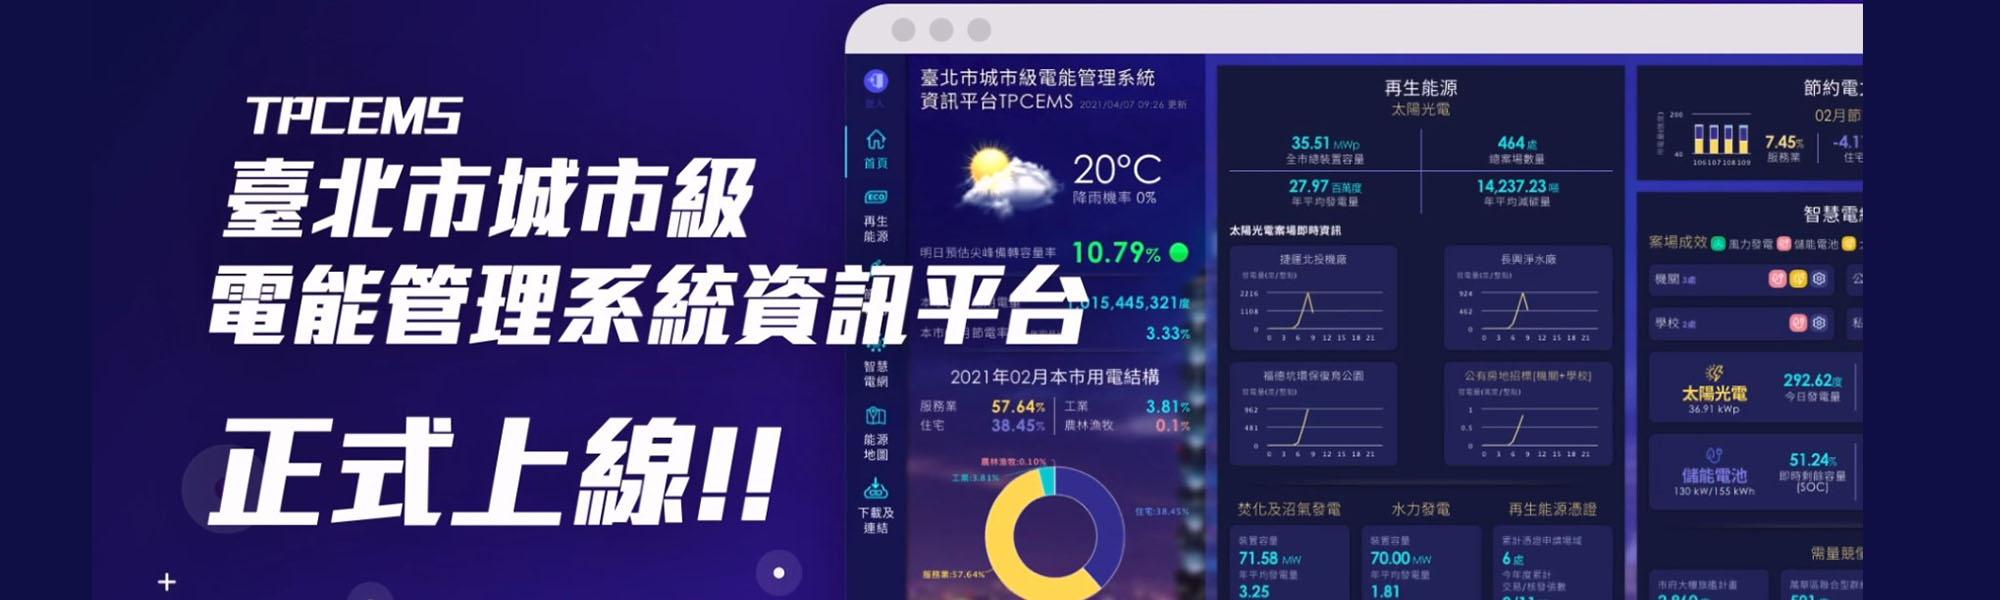 台北市城市級電能管理系統資訊平台 - TPCEMS